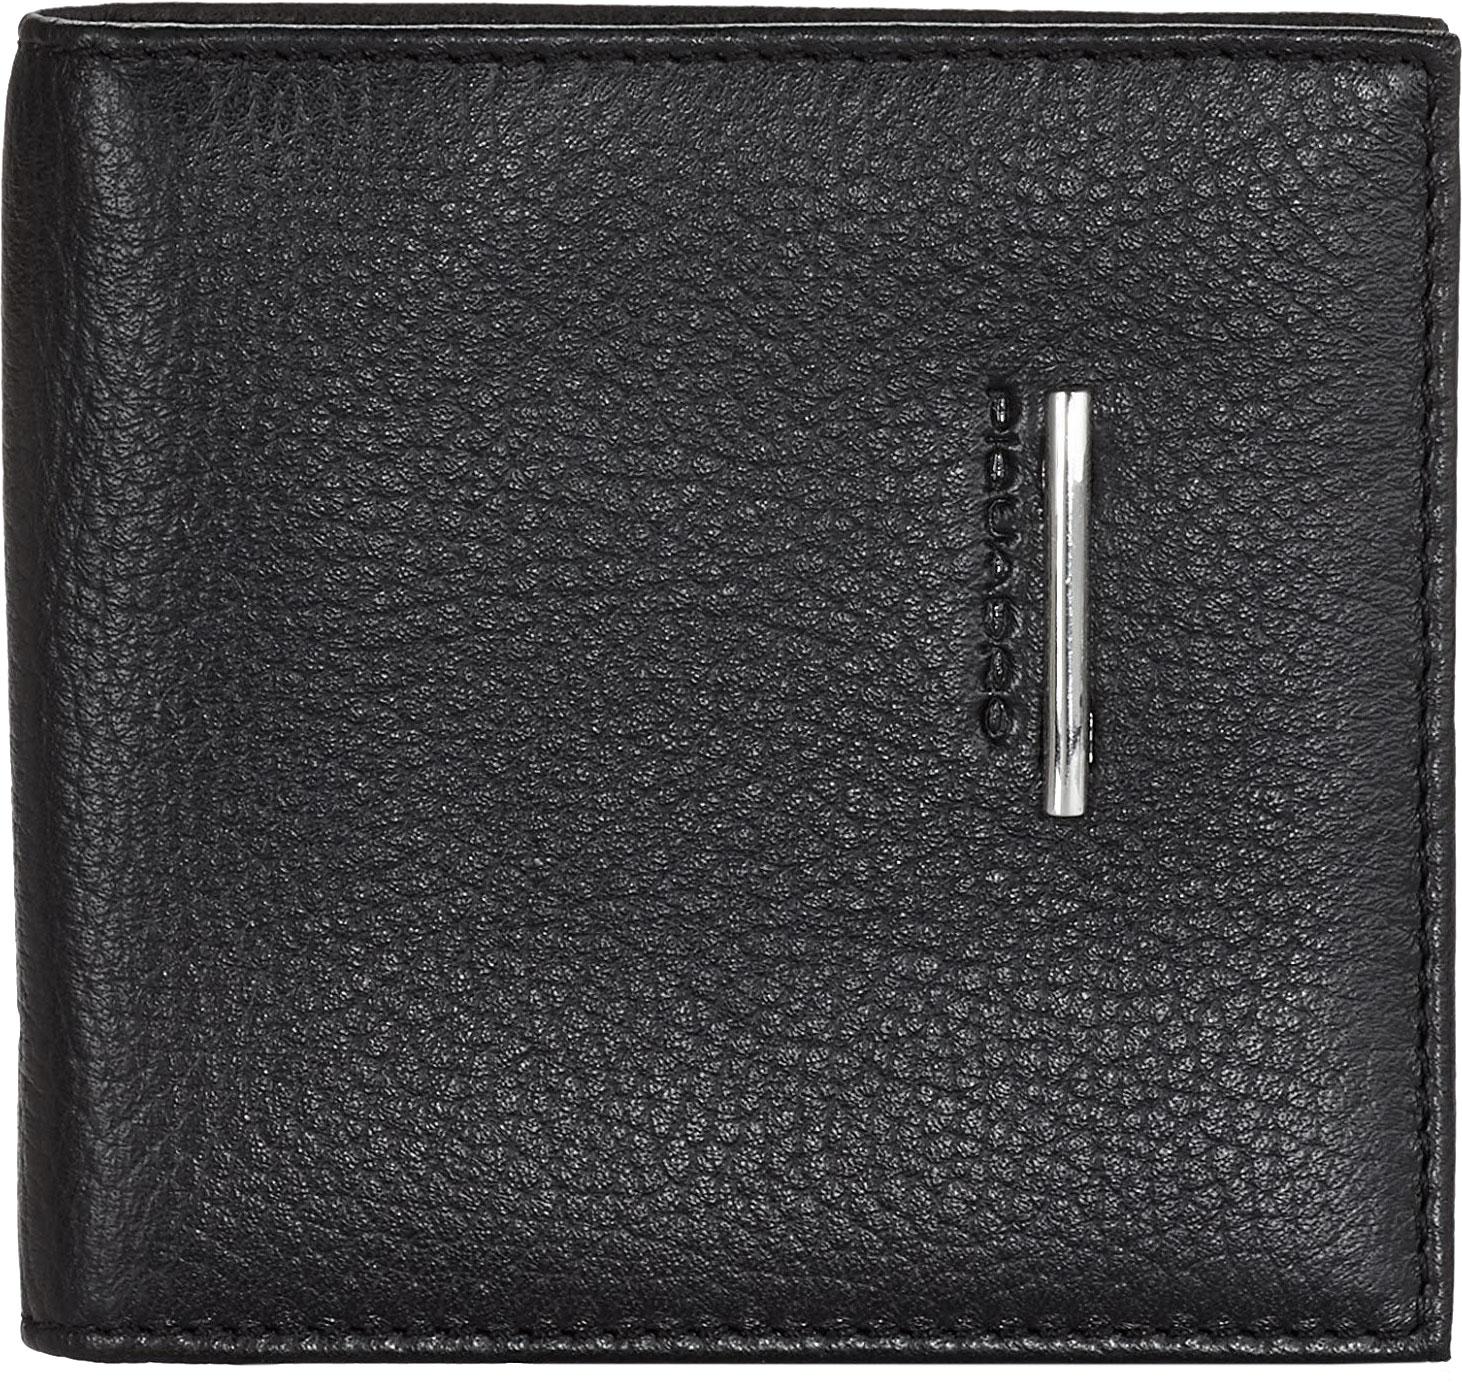 Кошельки бумажники и портмоне Piquadro PU1666MO/N